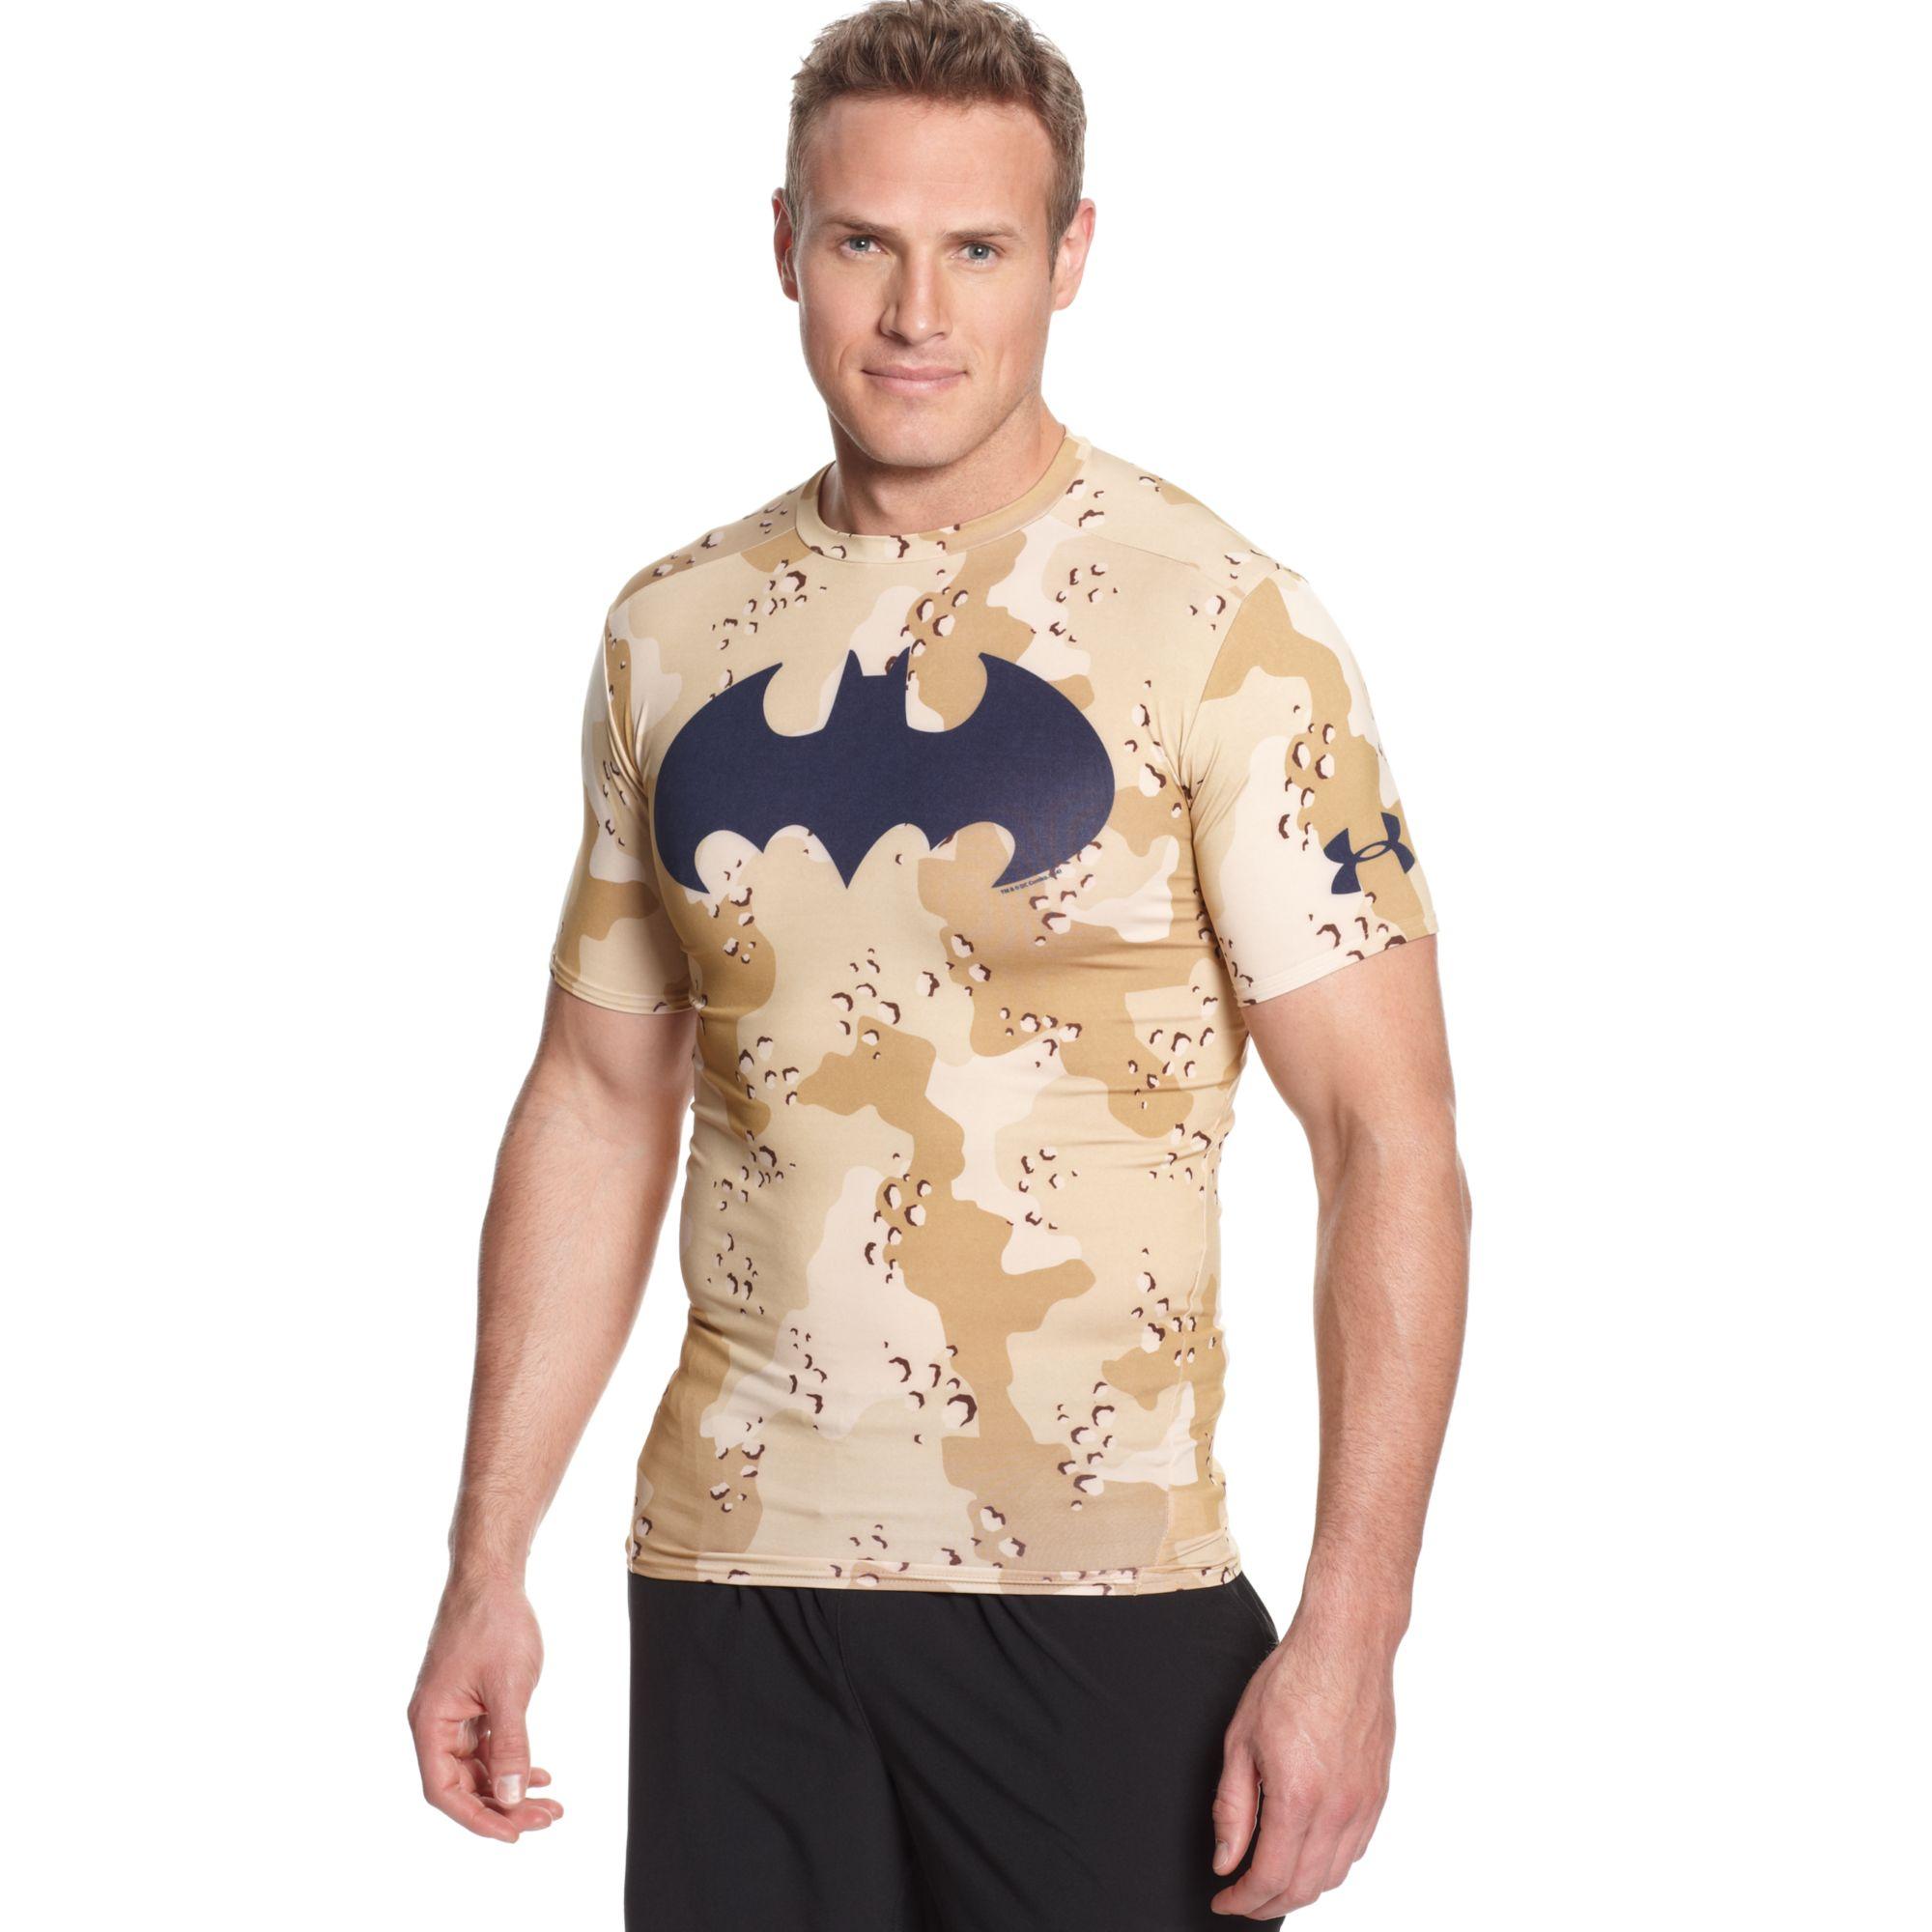 Lyst - Under Armour Alter Ego Batman Camouflage Compression Tshirt ... a9bd88118b5f